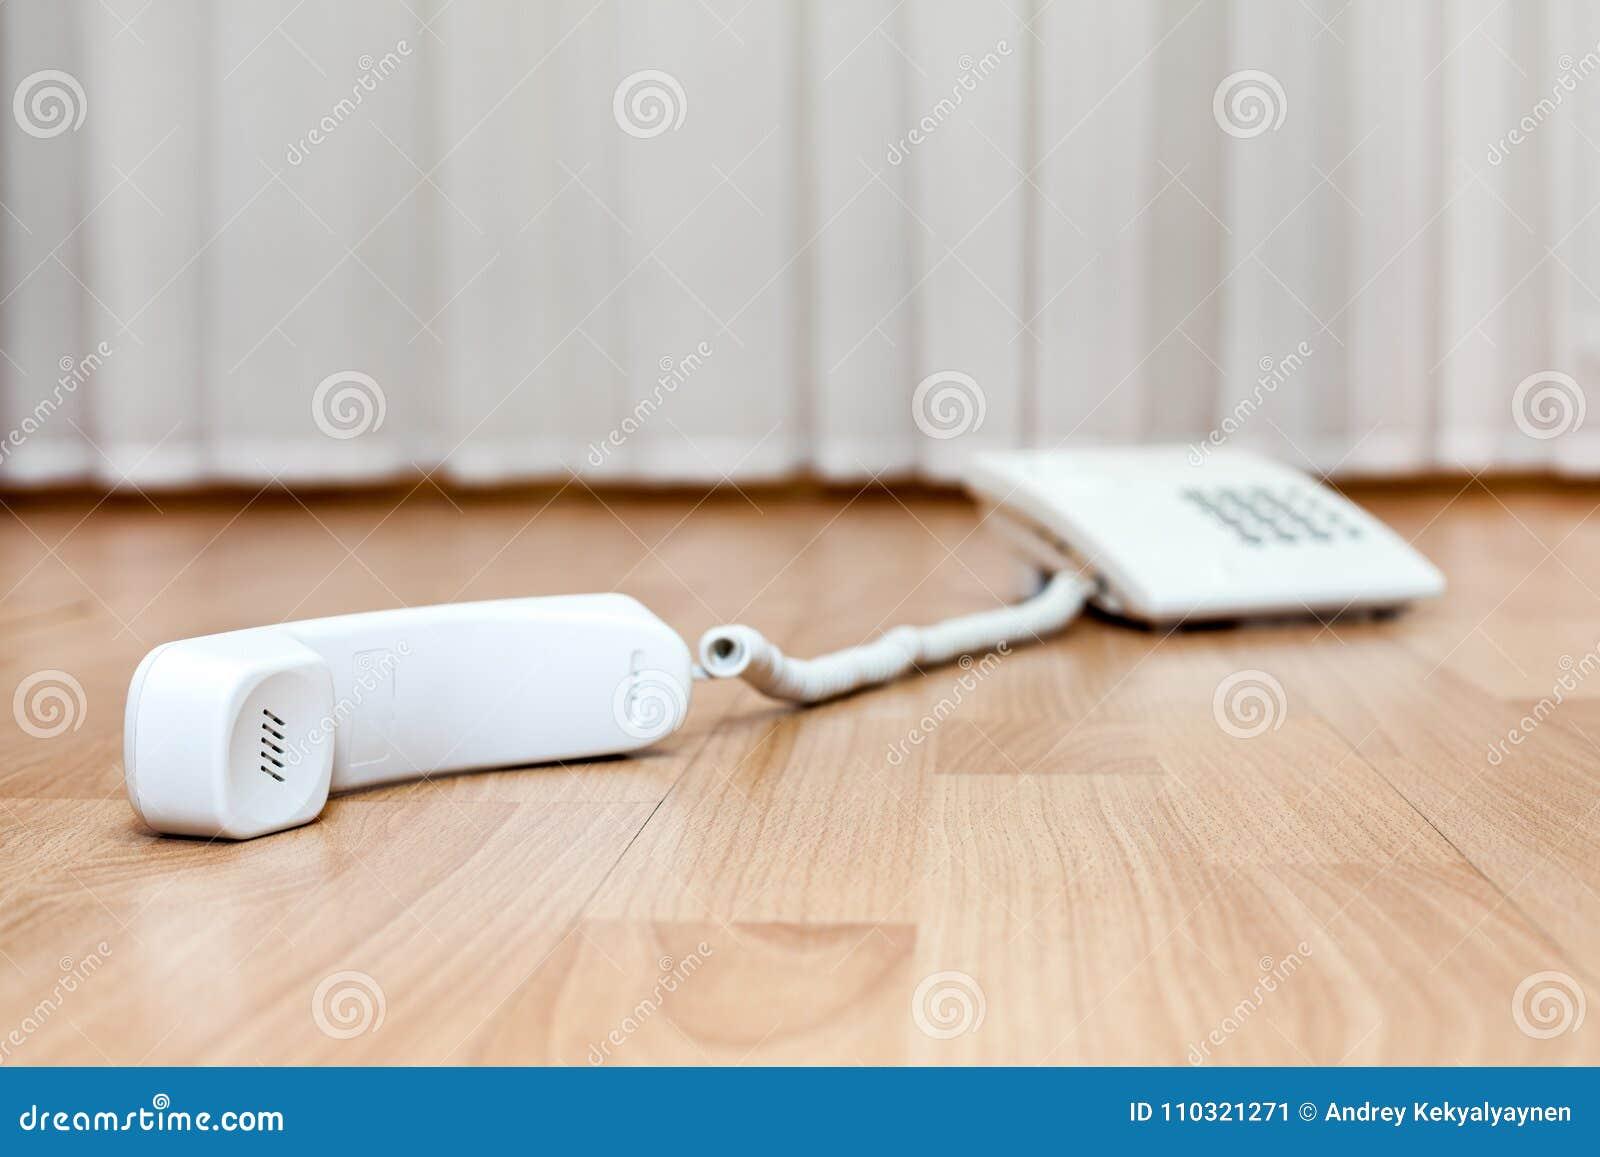 Weißes Telefon der Überlandleitung ist auf Boden mit fallengelassenem Hörer